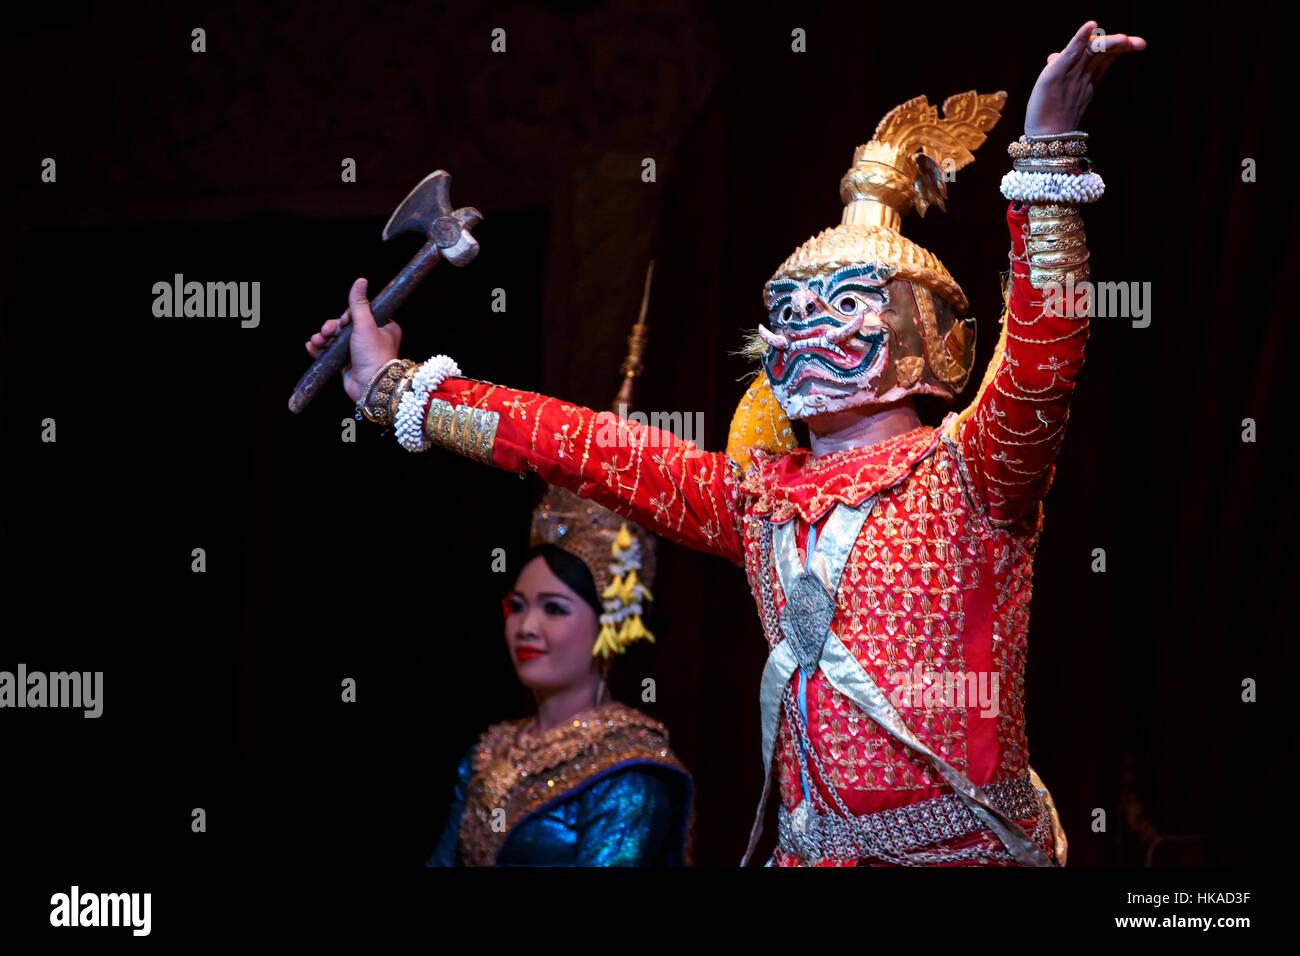 Apsara dancers, Siem Reap, Cambodia - Stock Image